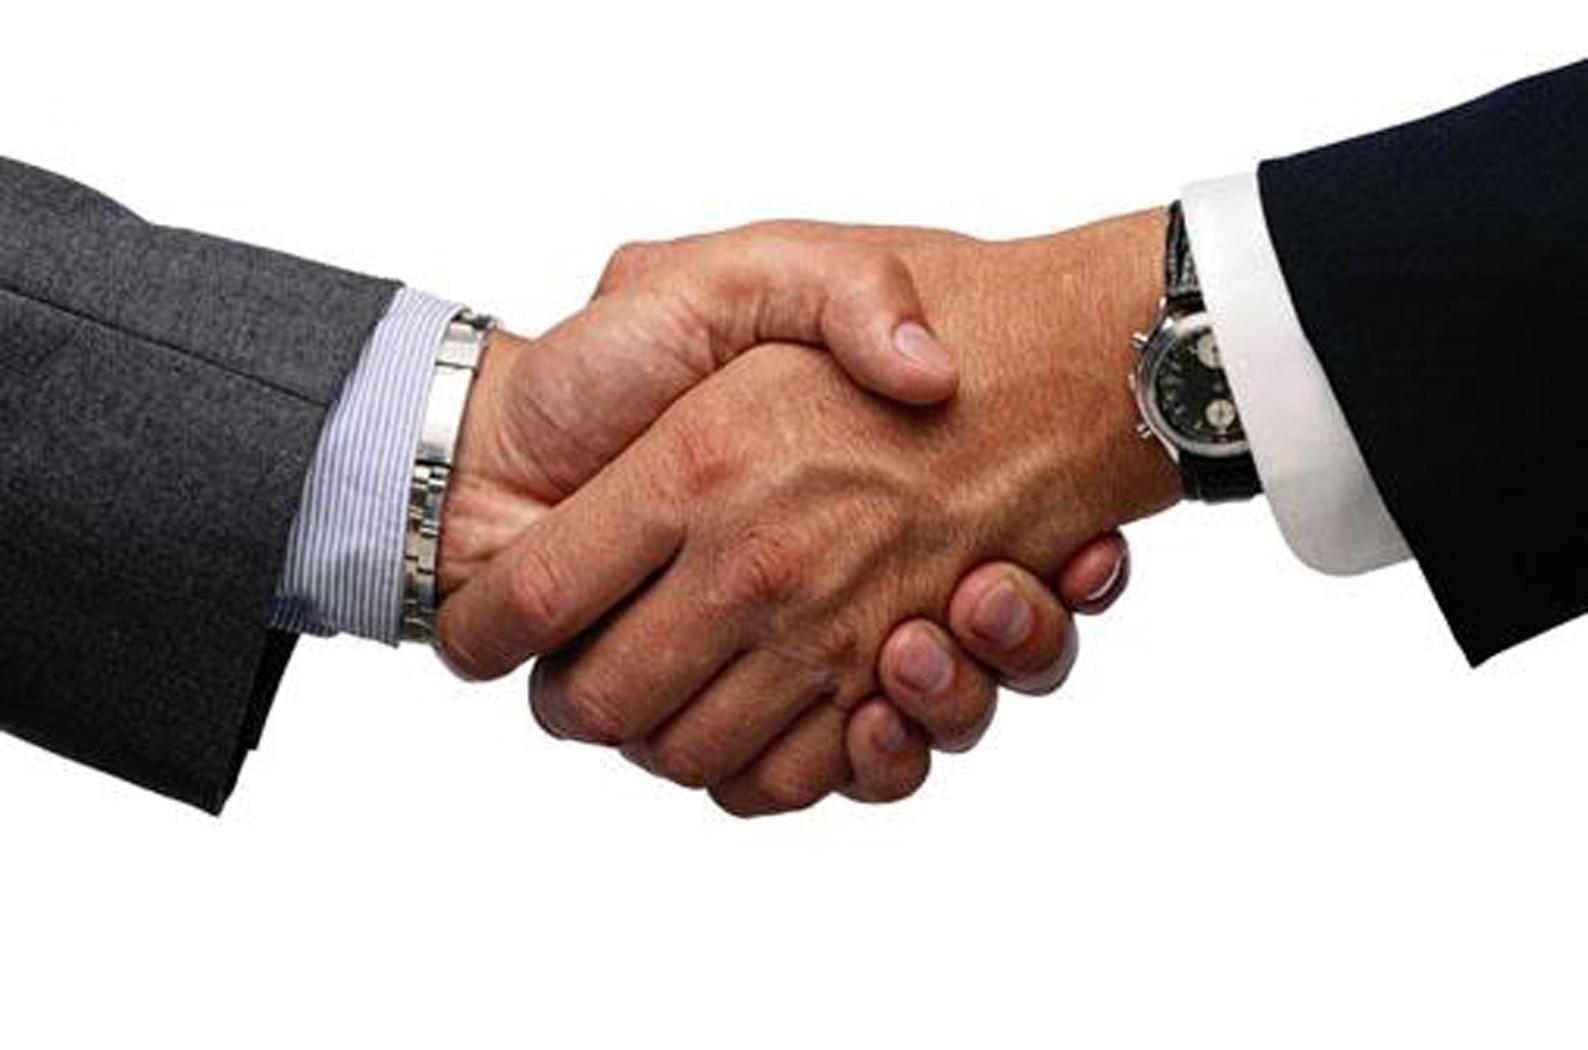 Ученые: Преждевременную смерть человека можно предвидеть посиле рукопожатия